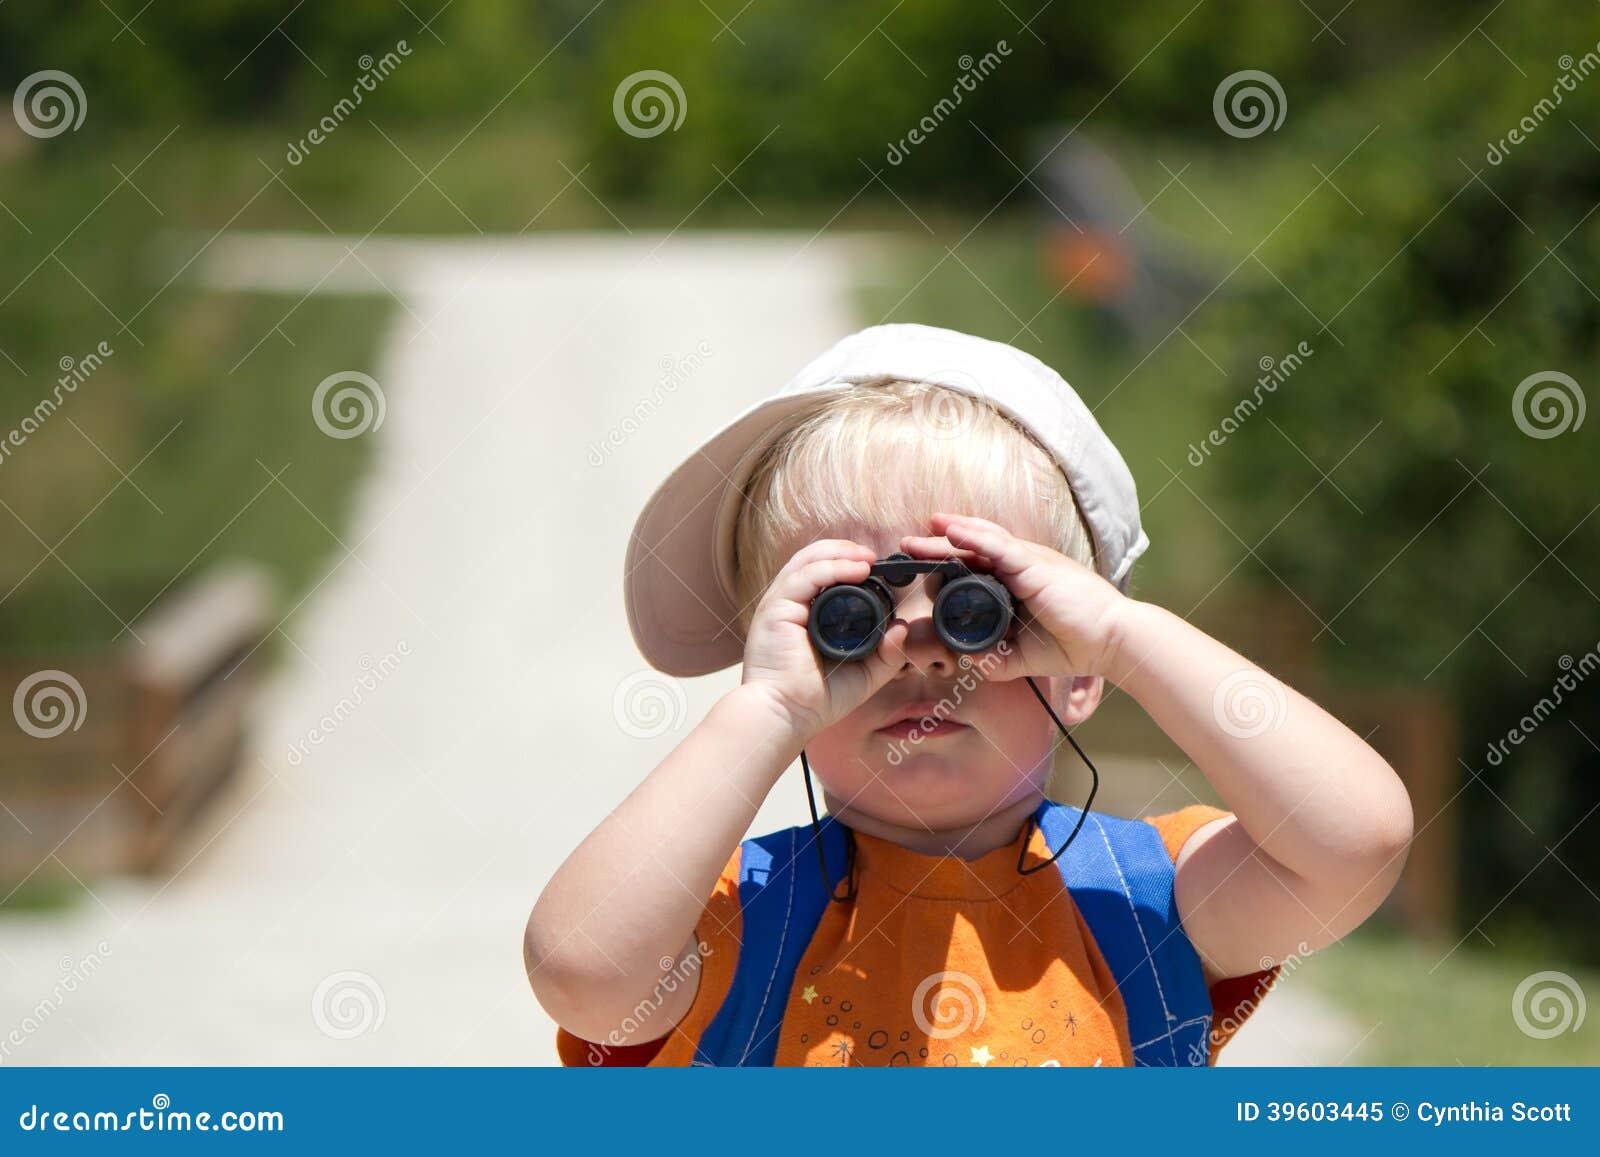 Kleiner suchender Junge, Suchen mit Ferngläsern